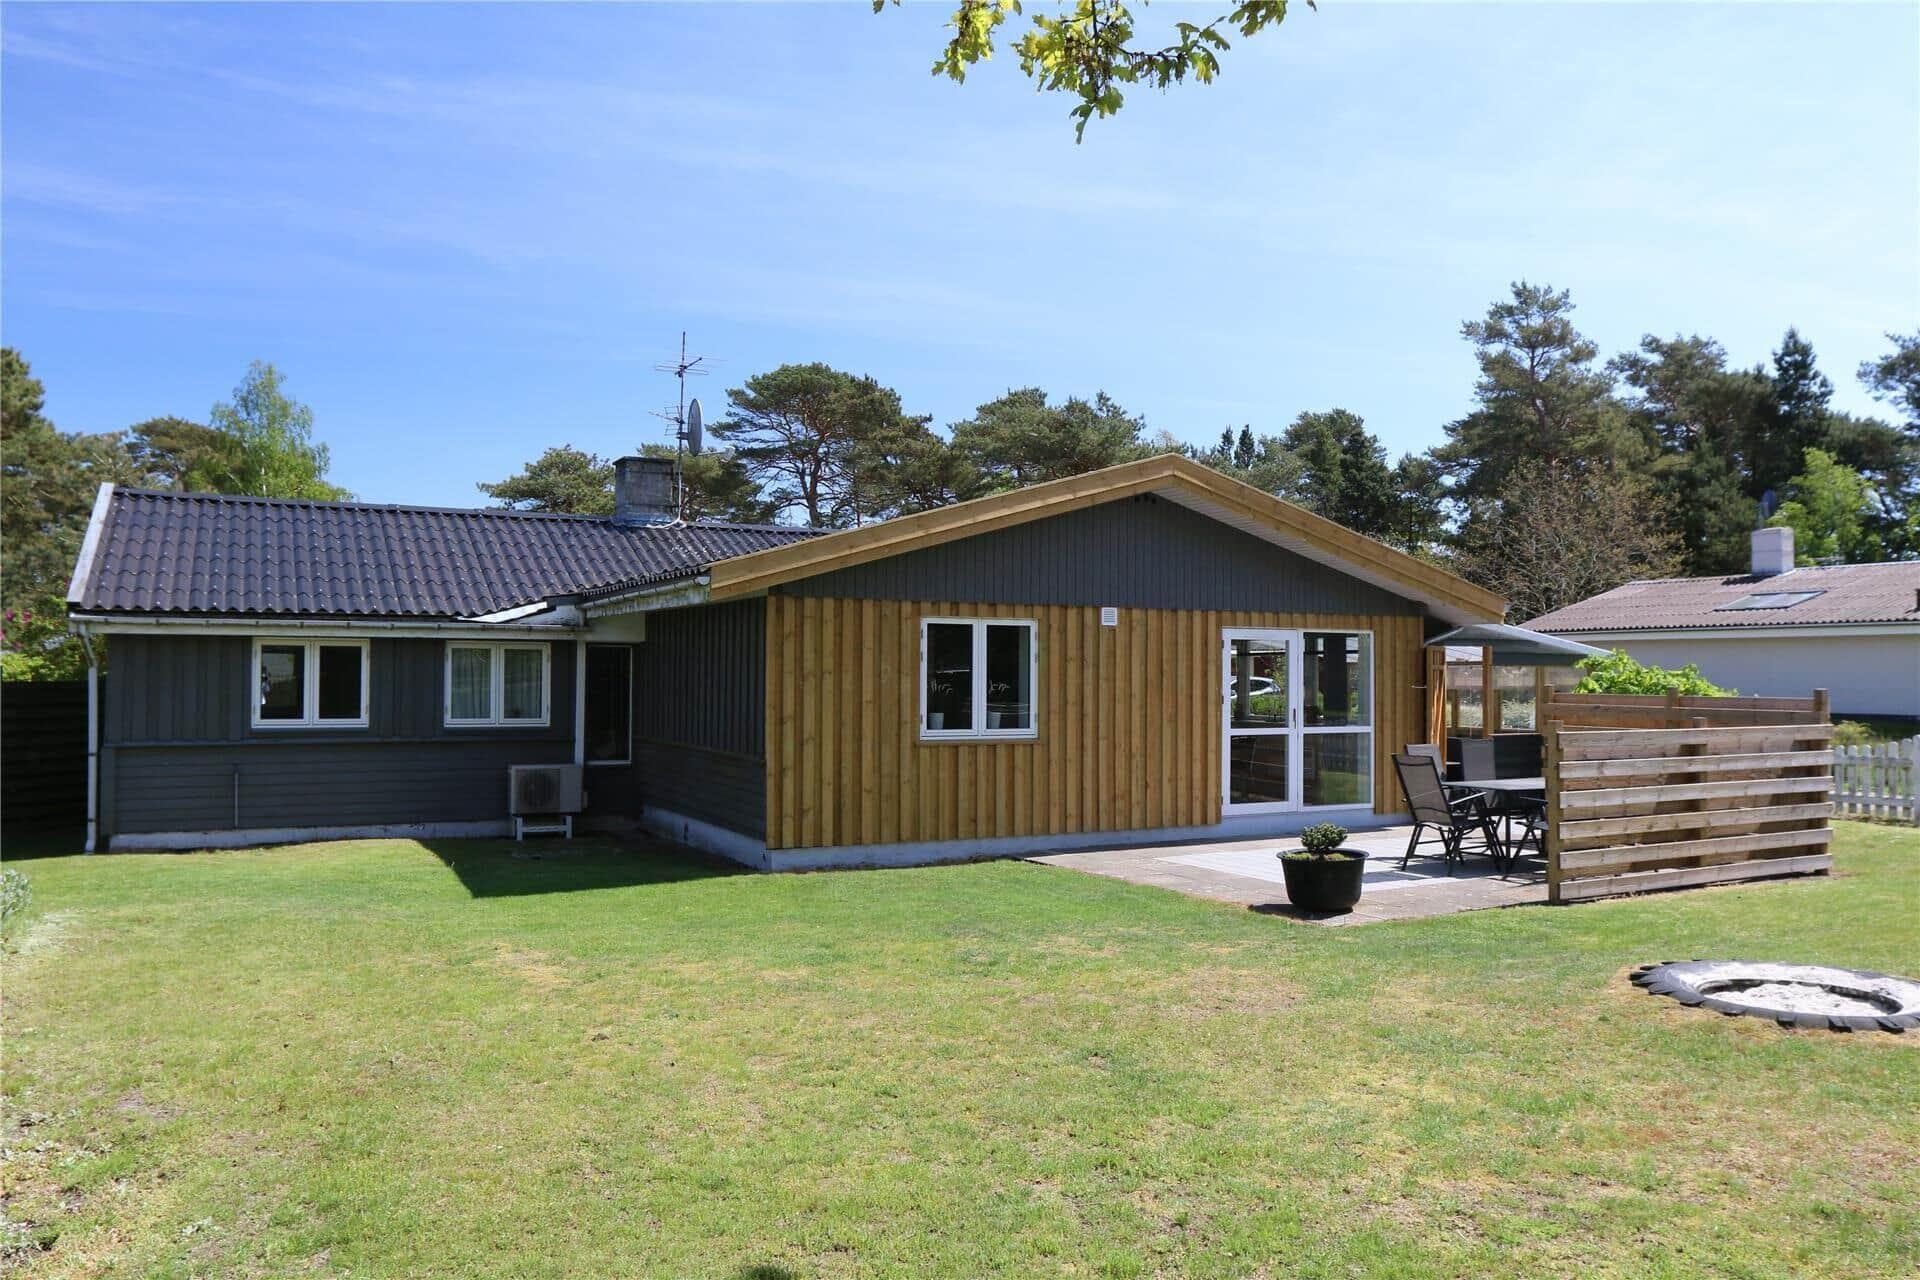 Image 1-10 Holiday-home 3506, Midtvej 8, DK - 3730 Nexø